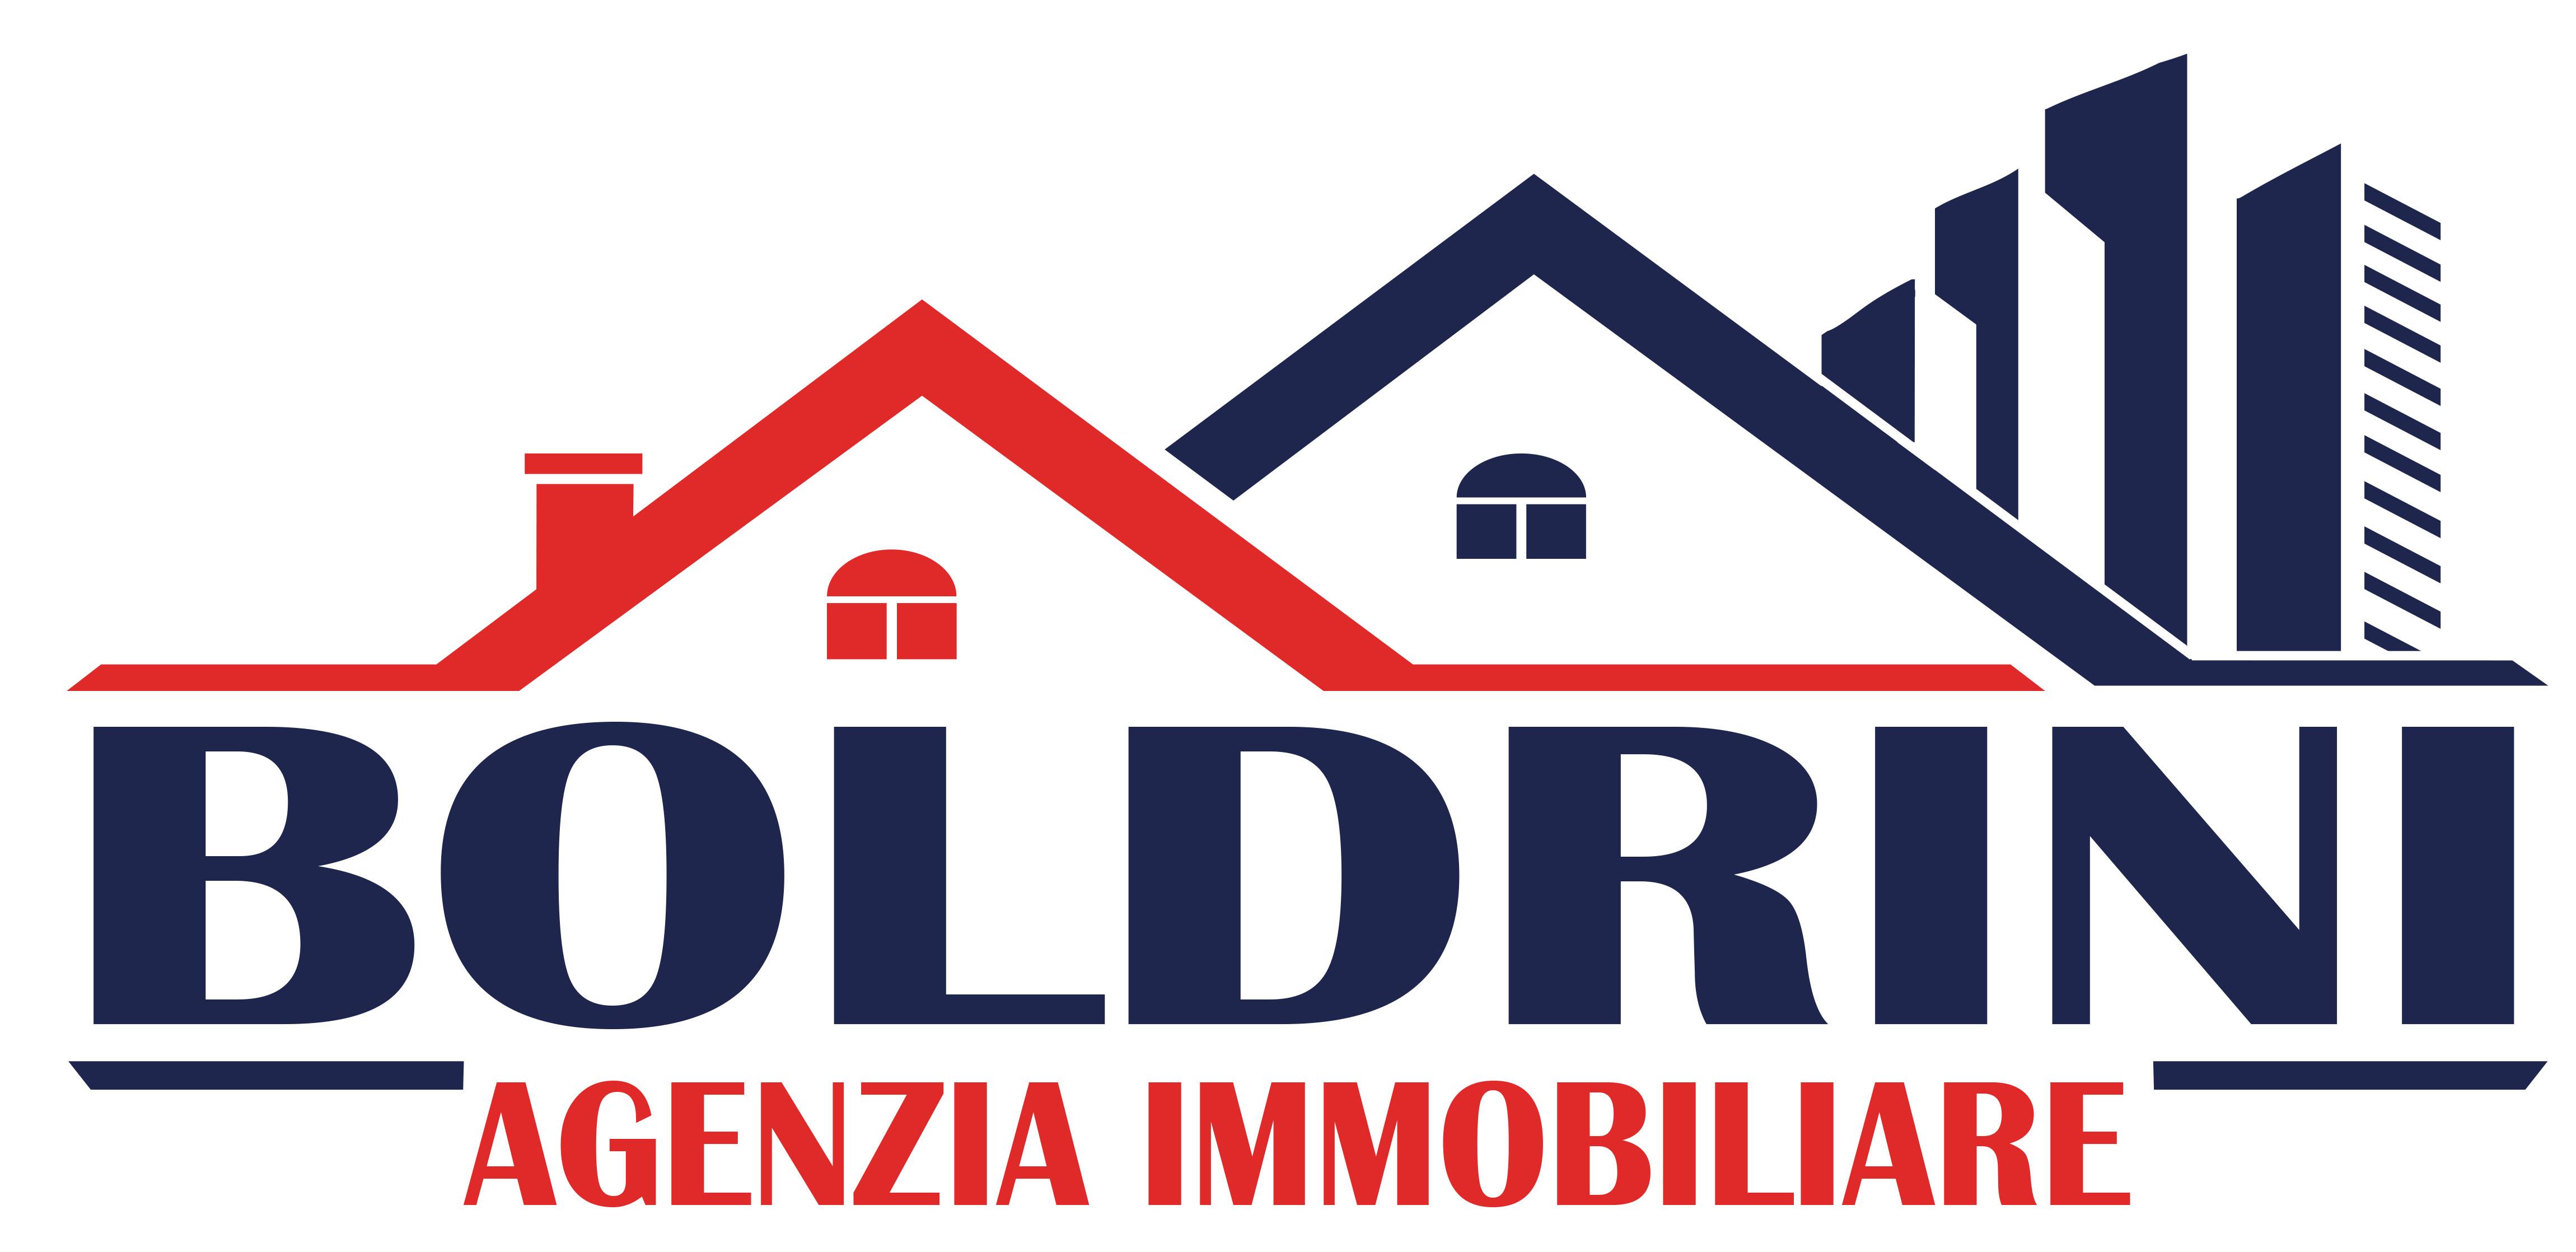 Agenzia Immobiliare Boldrini